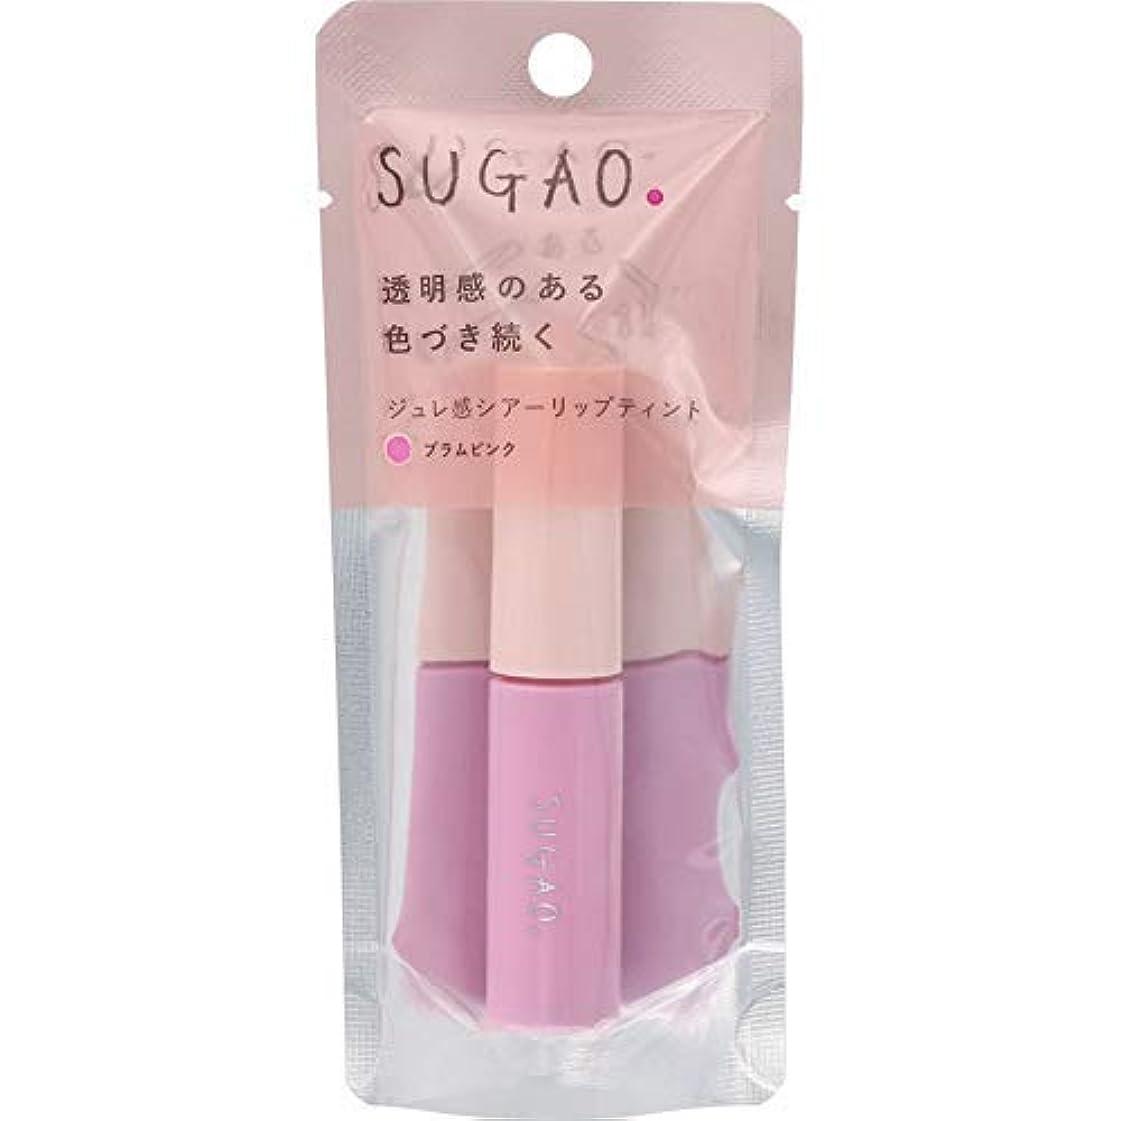 毛皮うめき抜け目のないSUGAO ジュレ感シアーリップティント プラムピンク × 12個セット